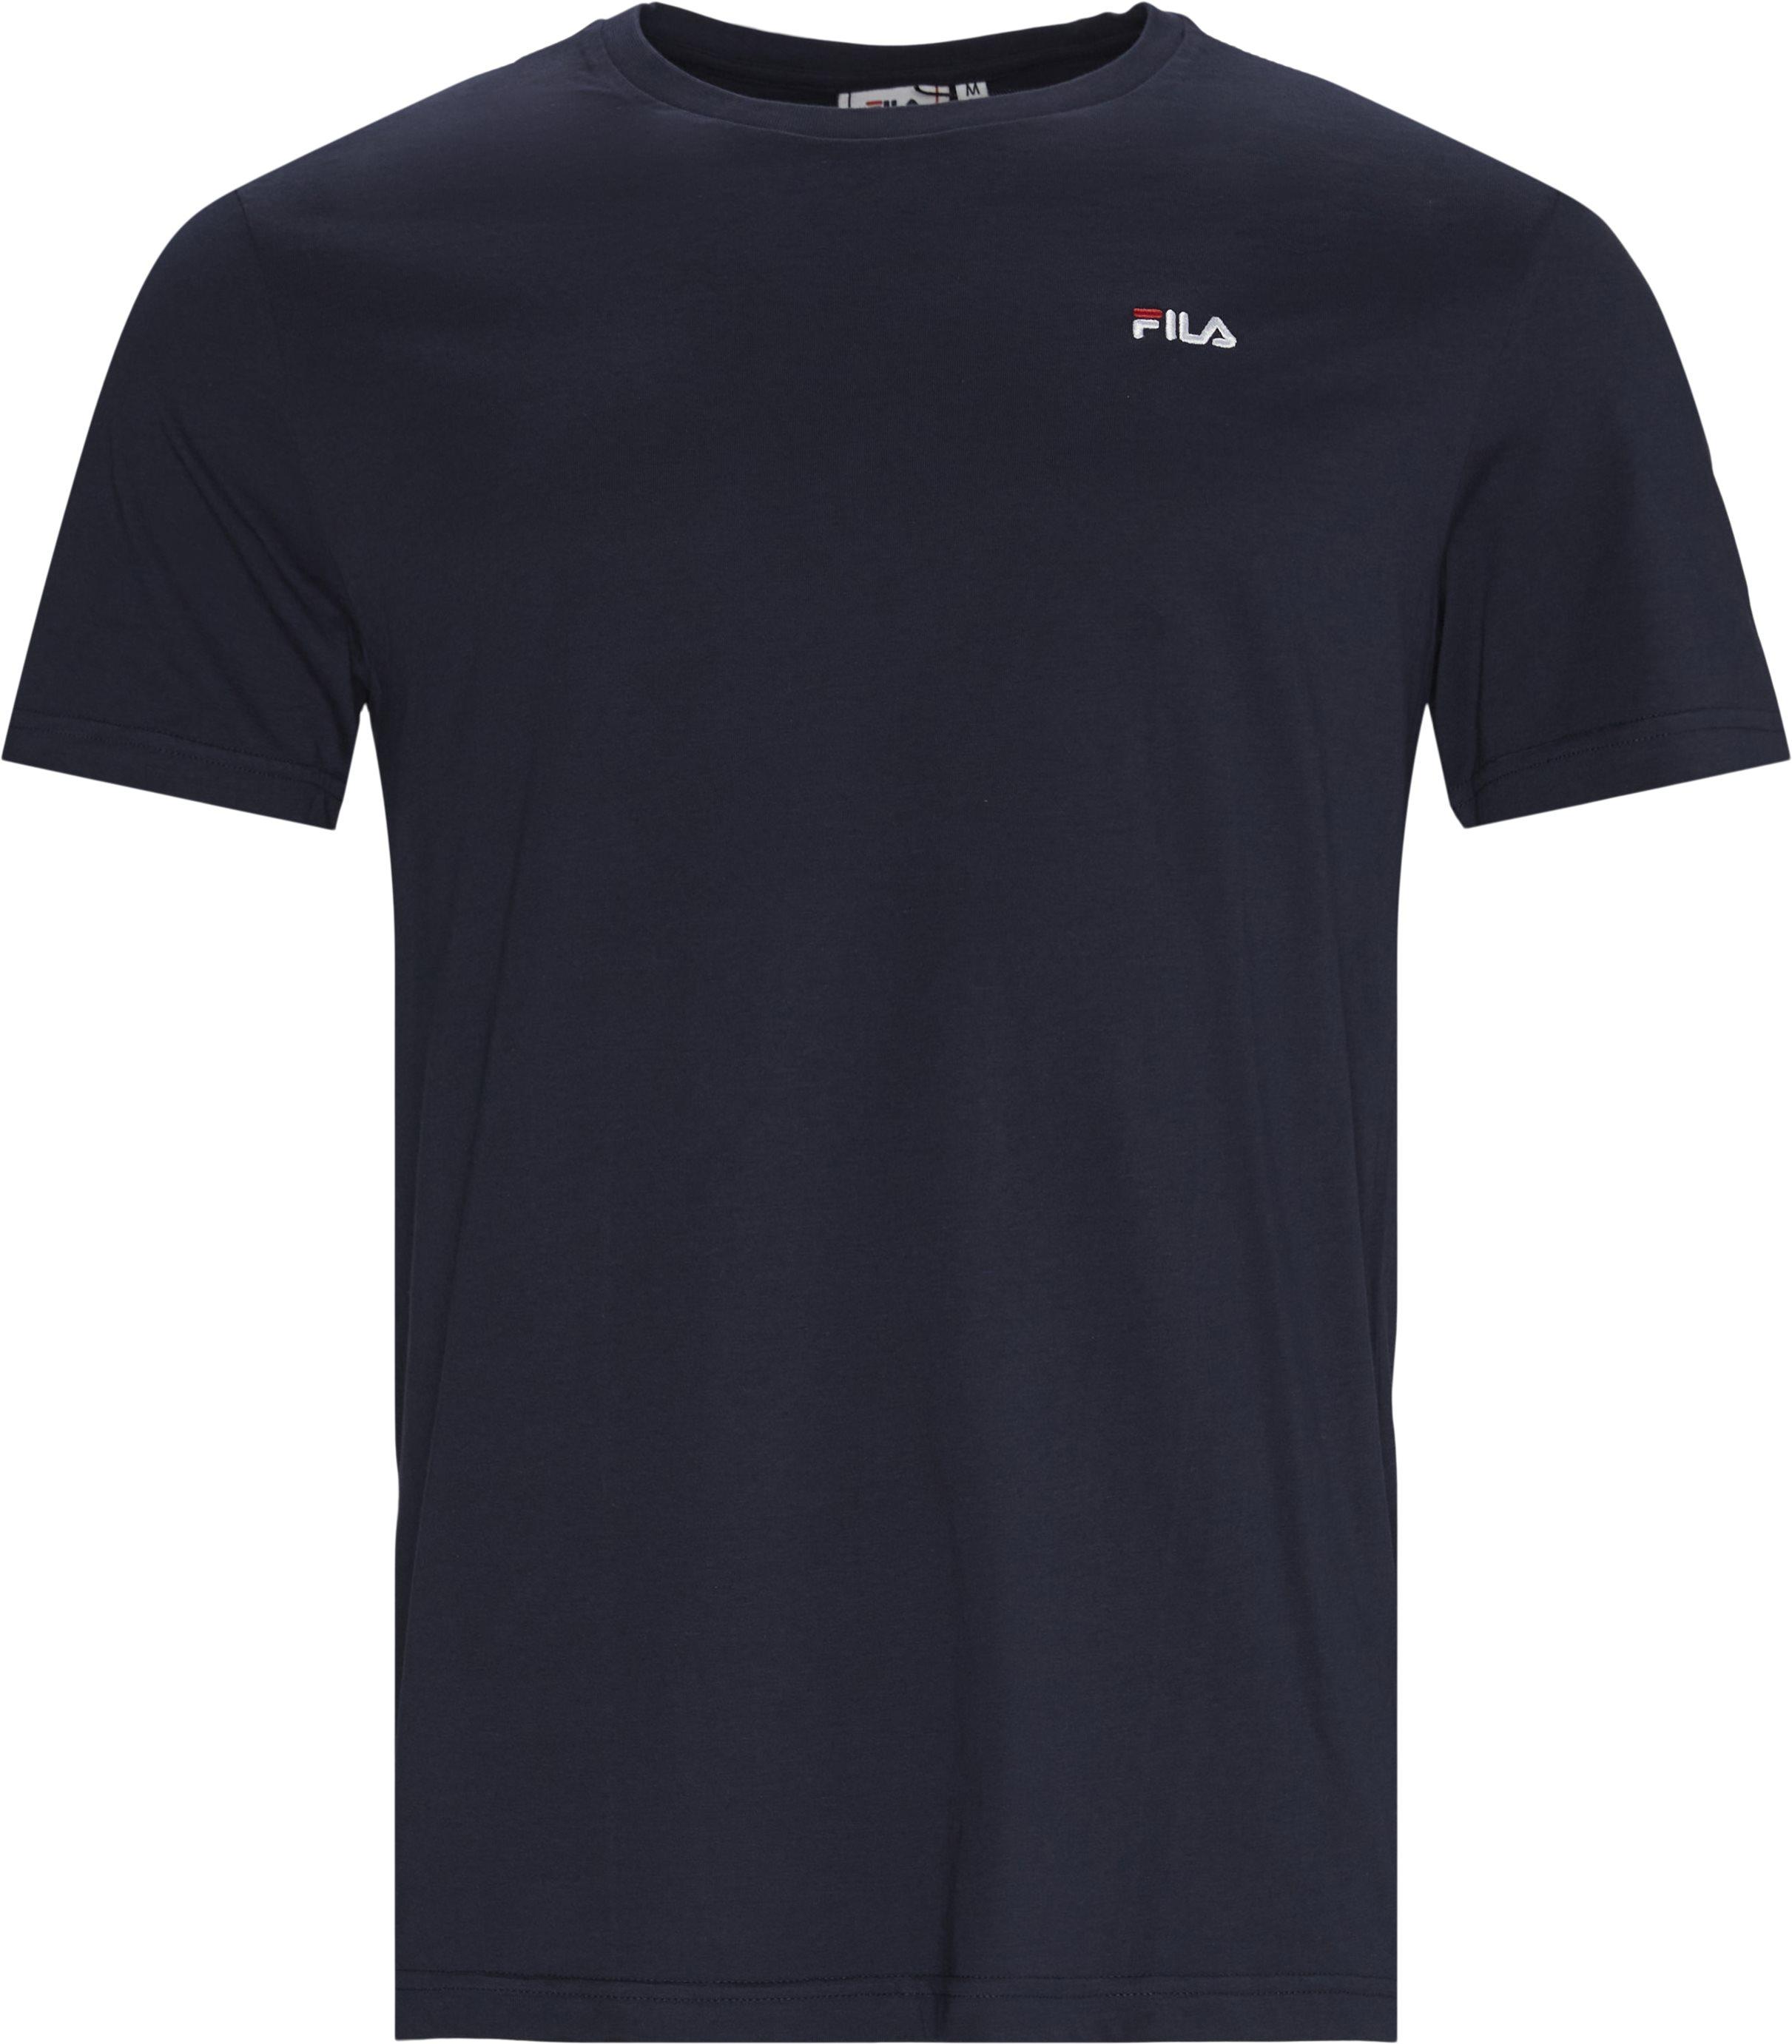 Unwind Tee - T-shirts - Regular - Blå